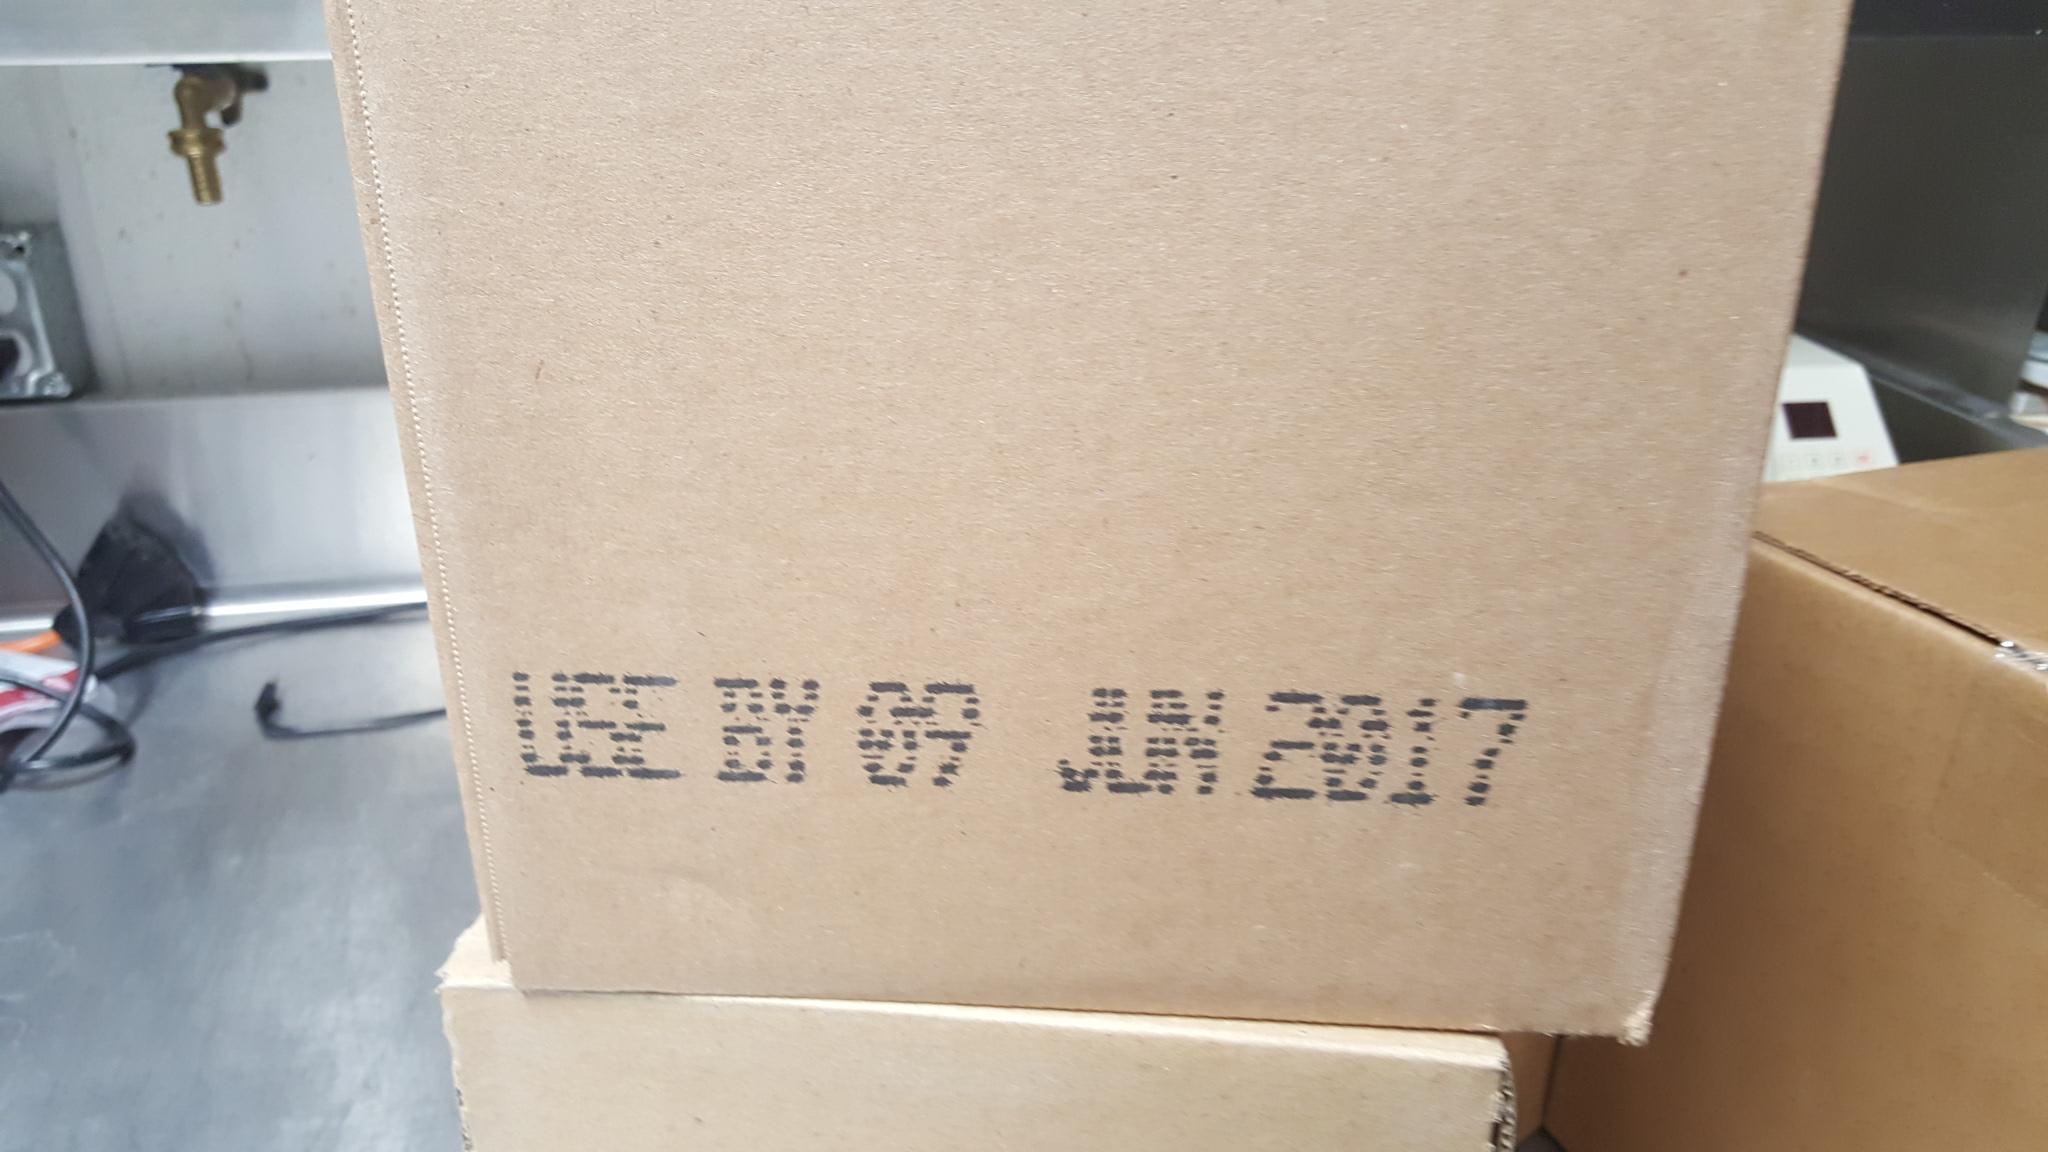 Expires on my ...